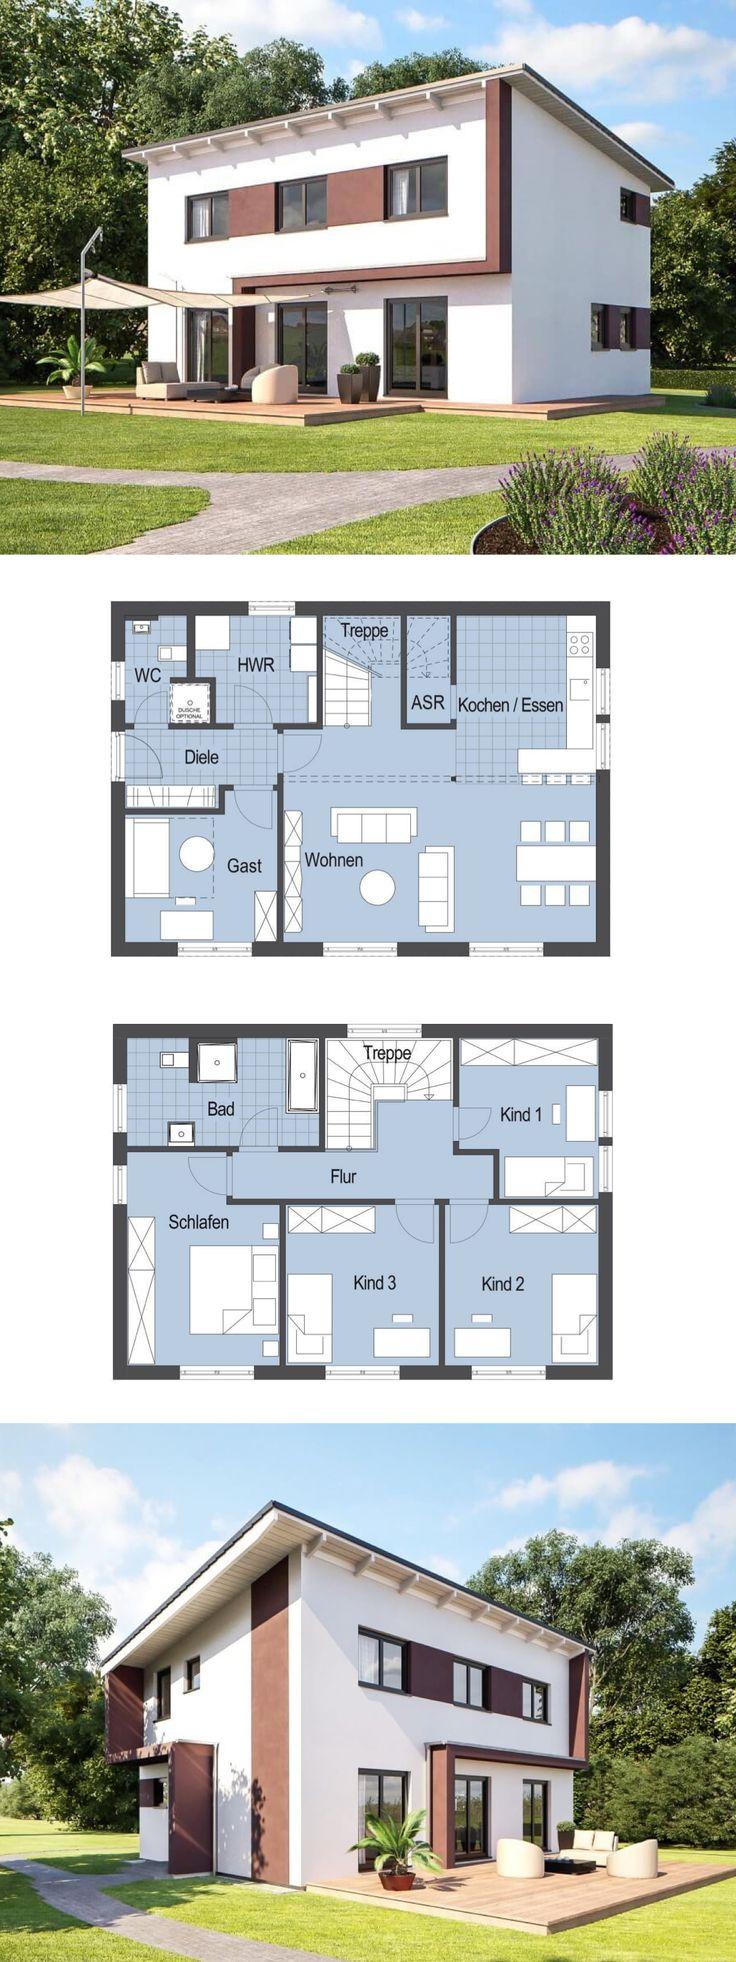 Modernes Haus mit Pultdach Architektur und Terrasse - Fertighaus Grundriss Stadtvilla Top Star S 145 Hanlo Haus - HausbauDirekt.de